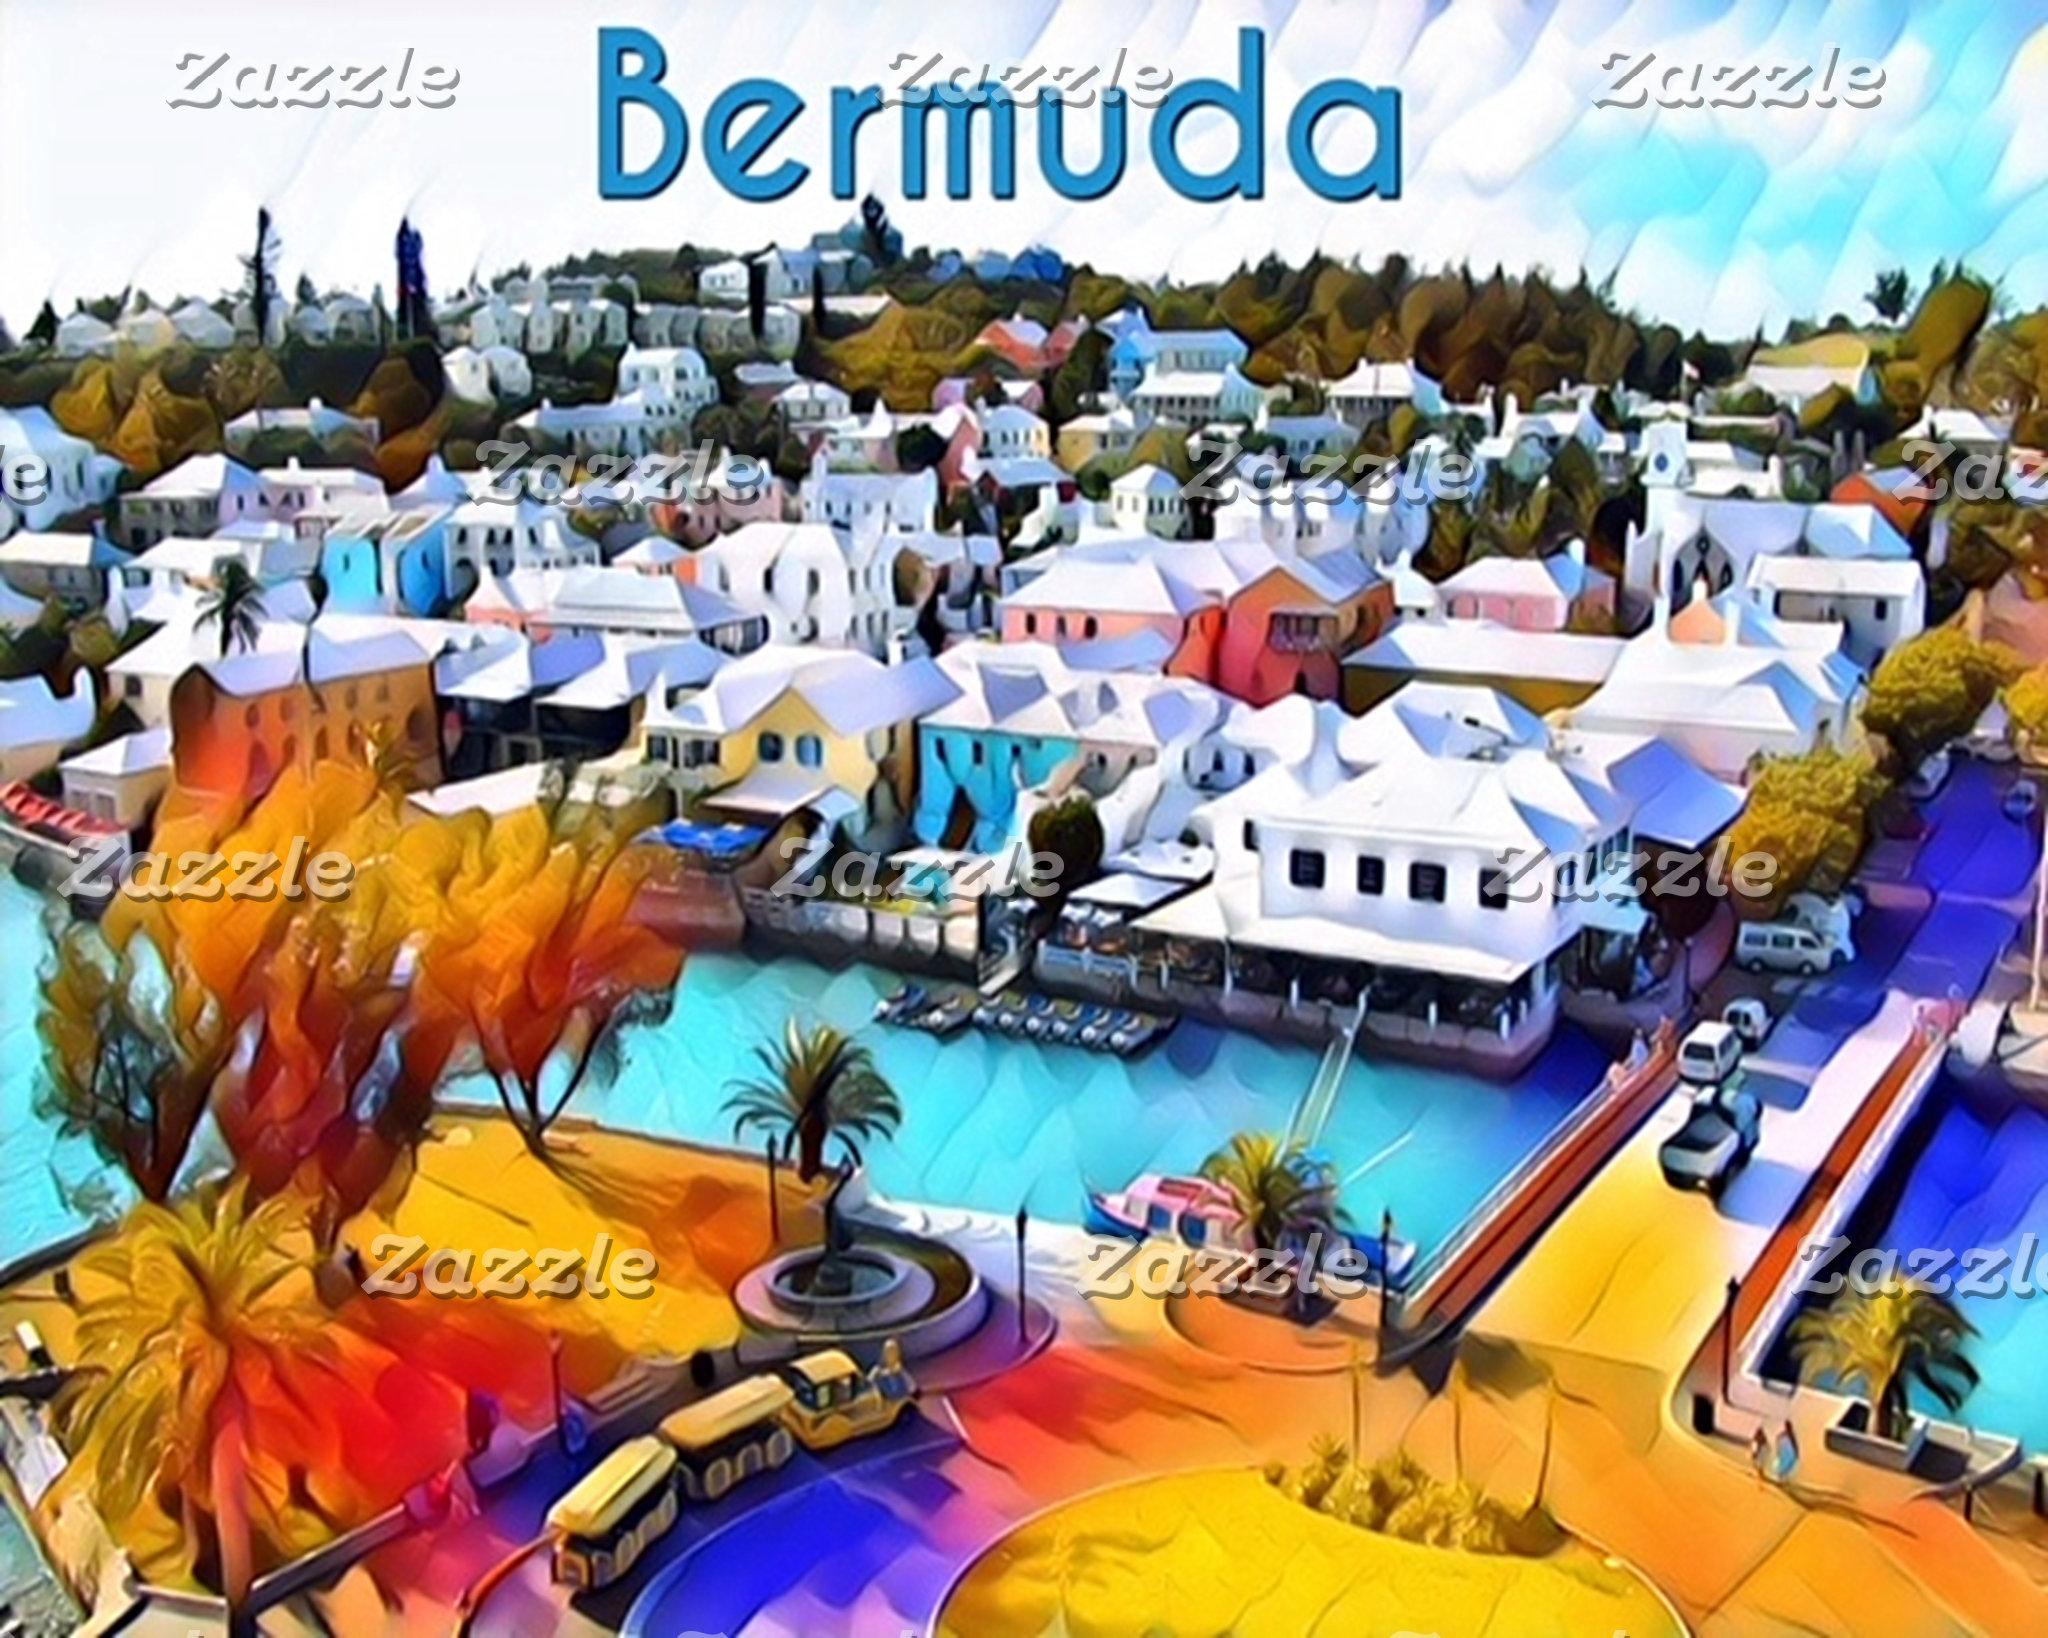 Neon Pop Art St. George Bermuda